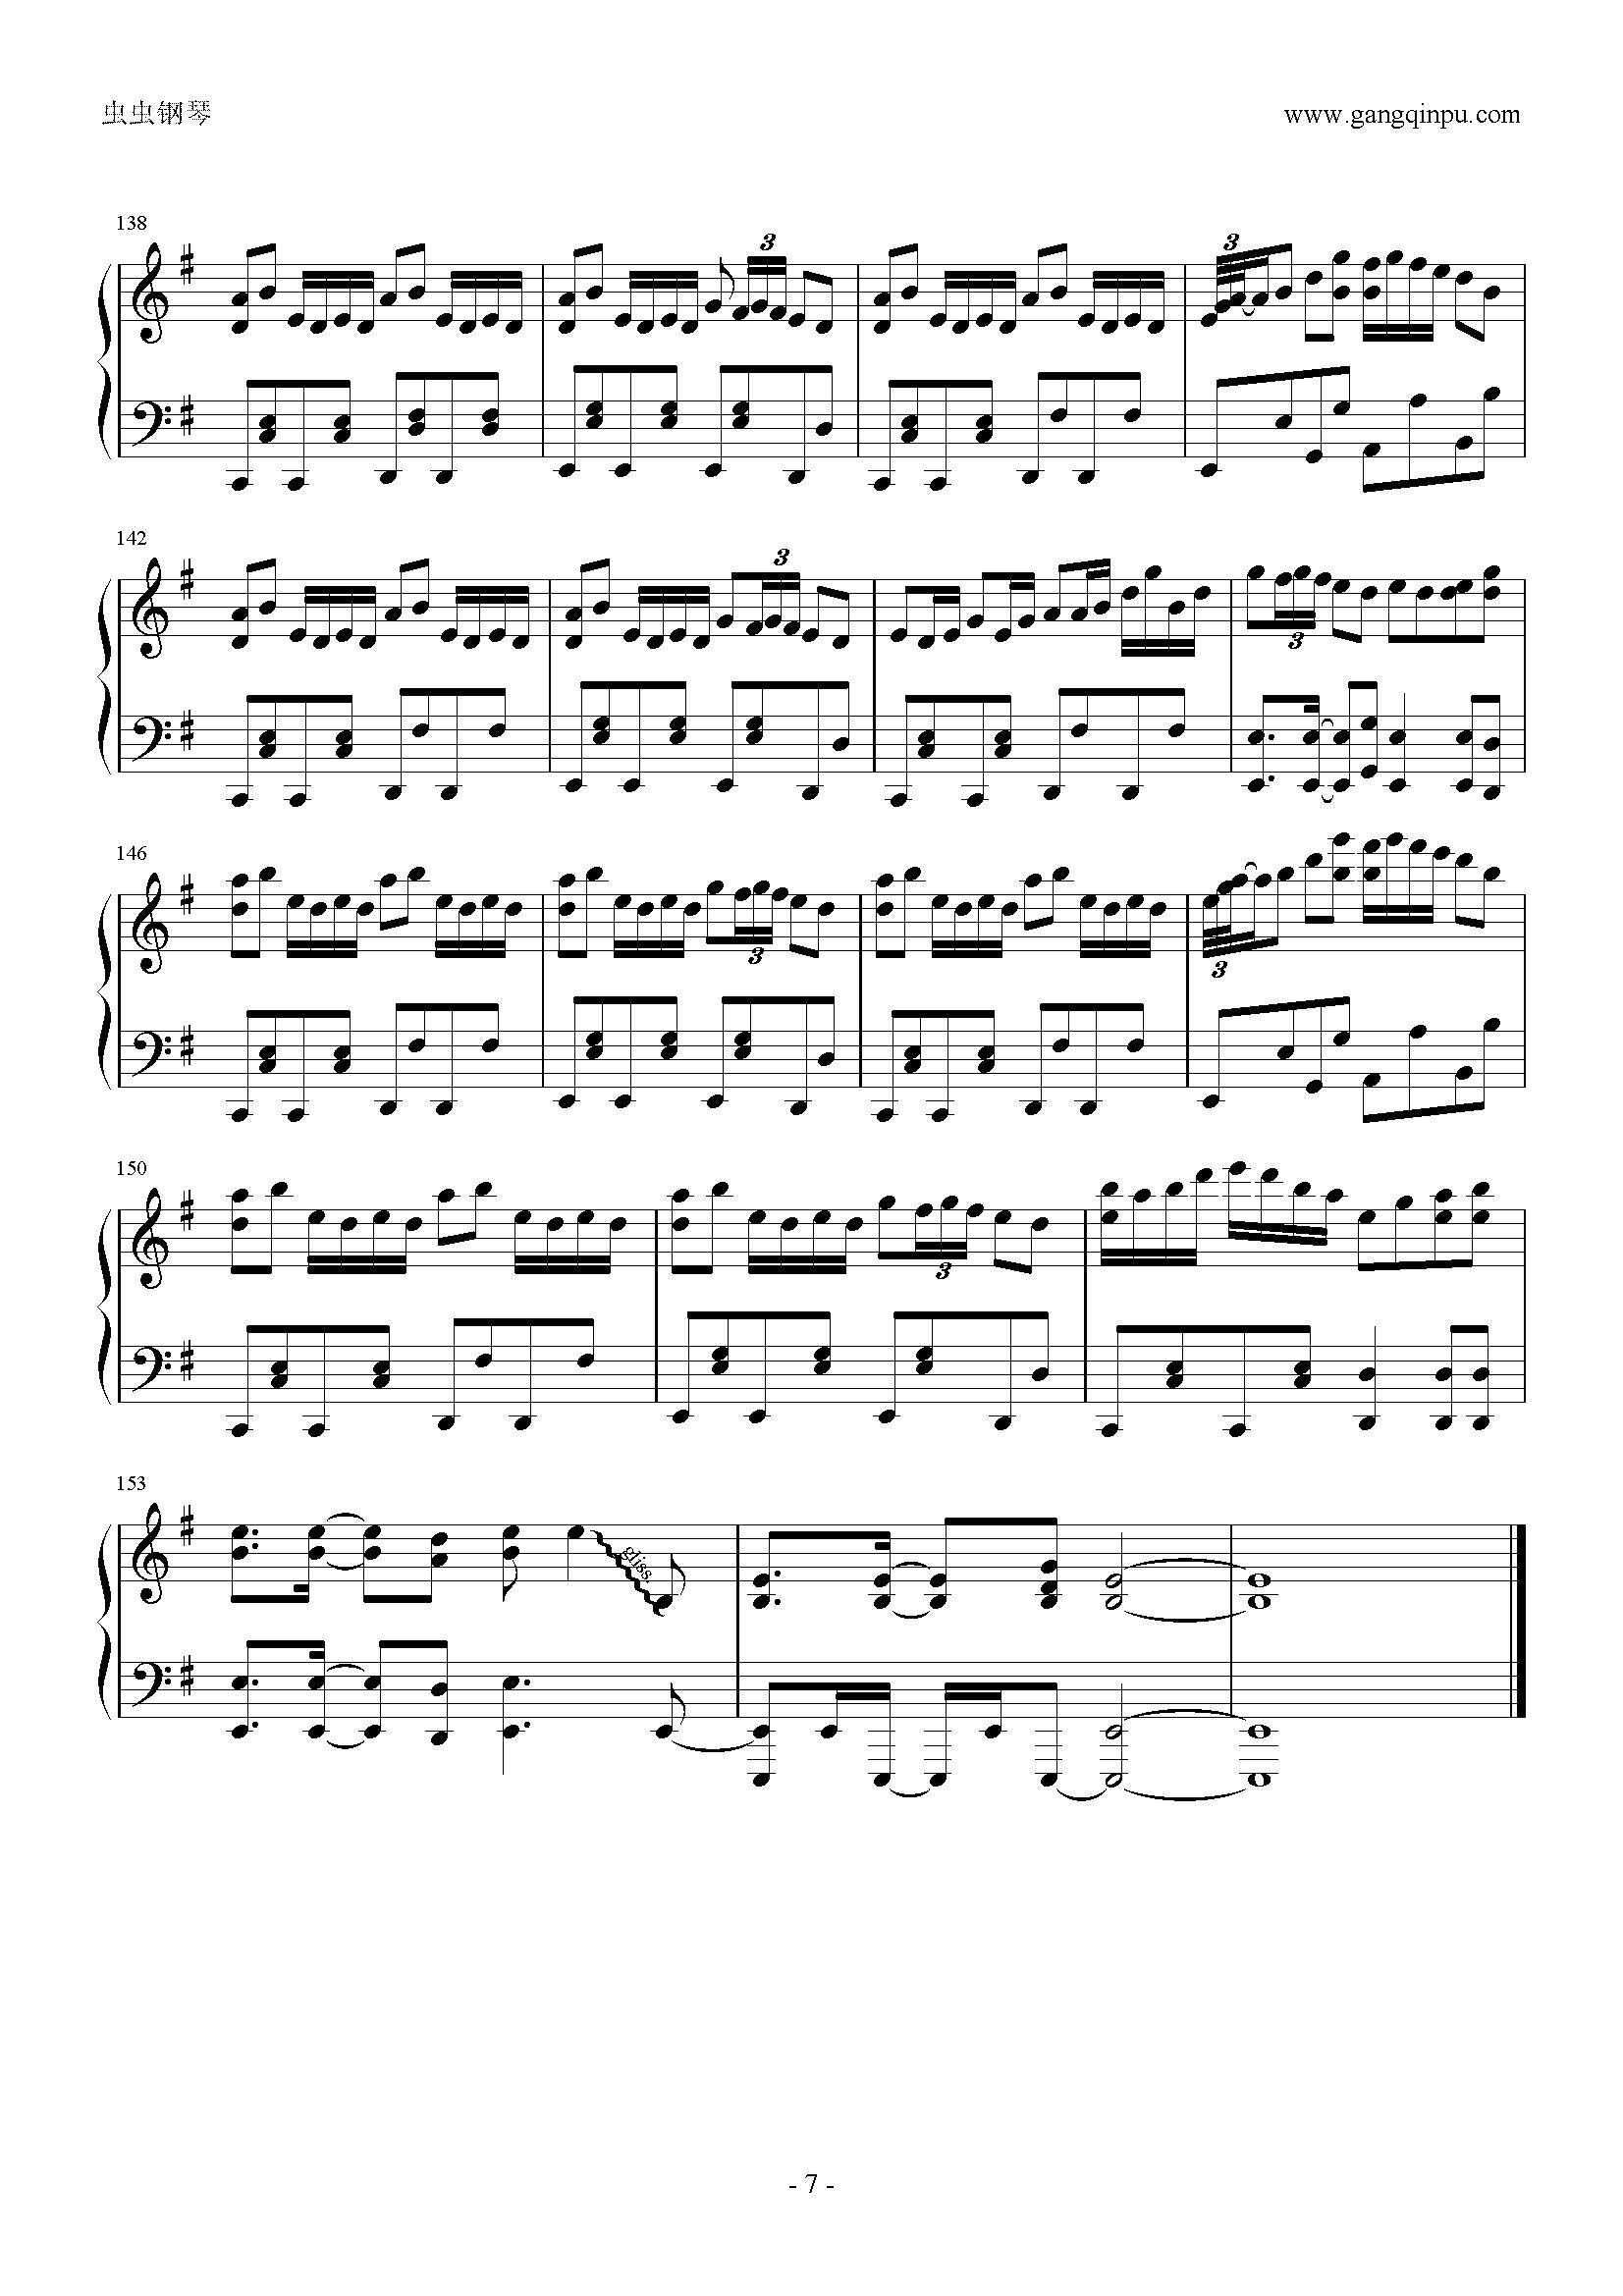 千本樱钢琴谱 第7页